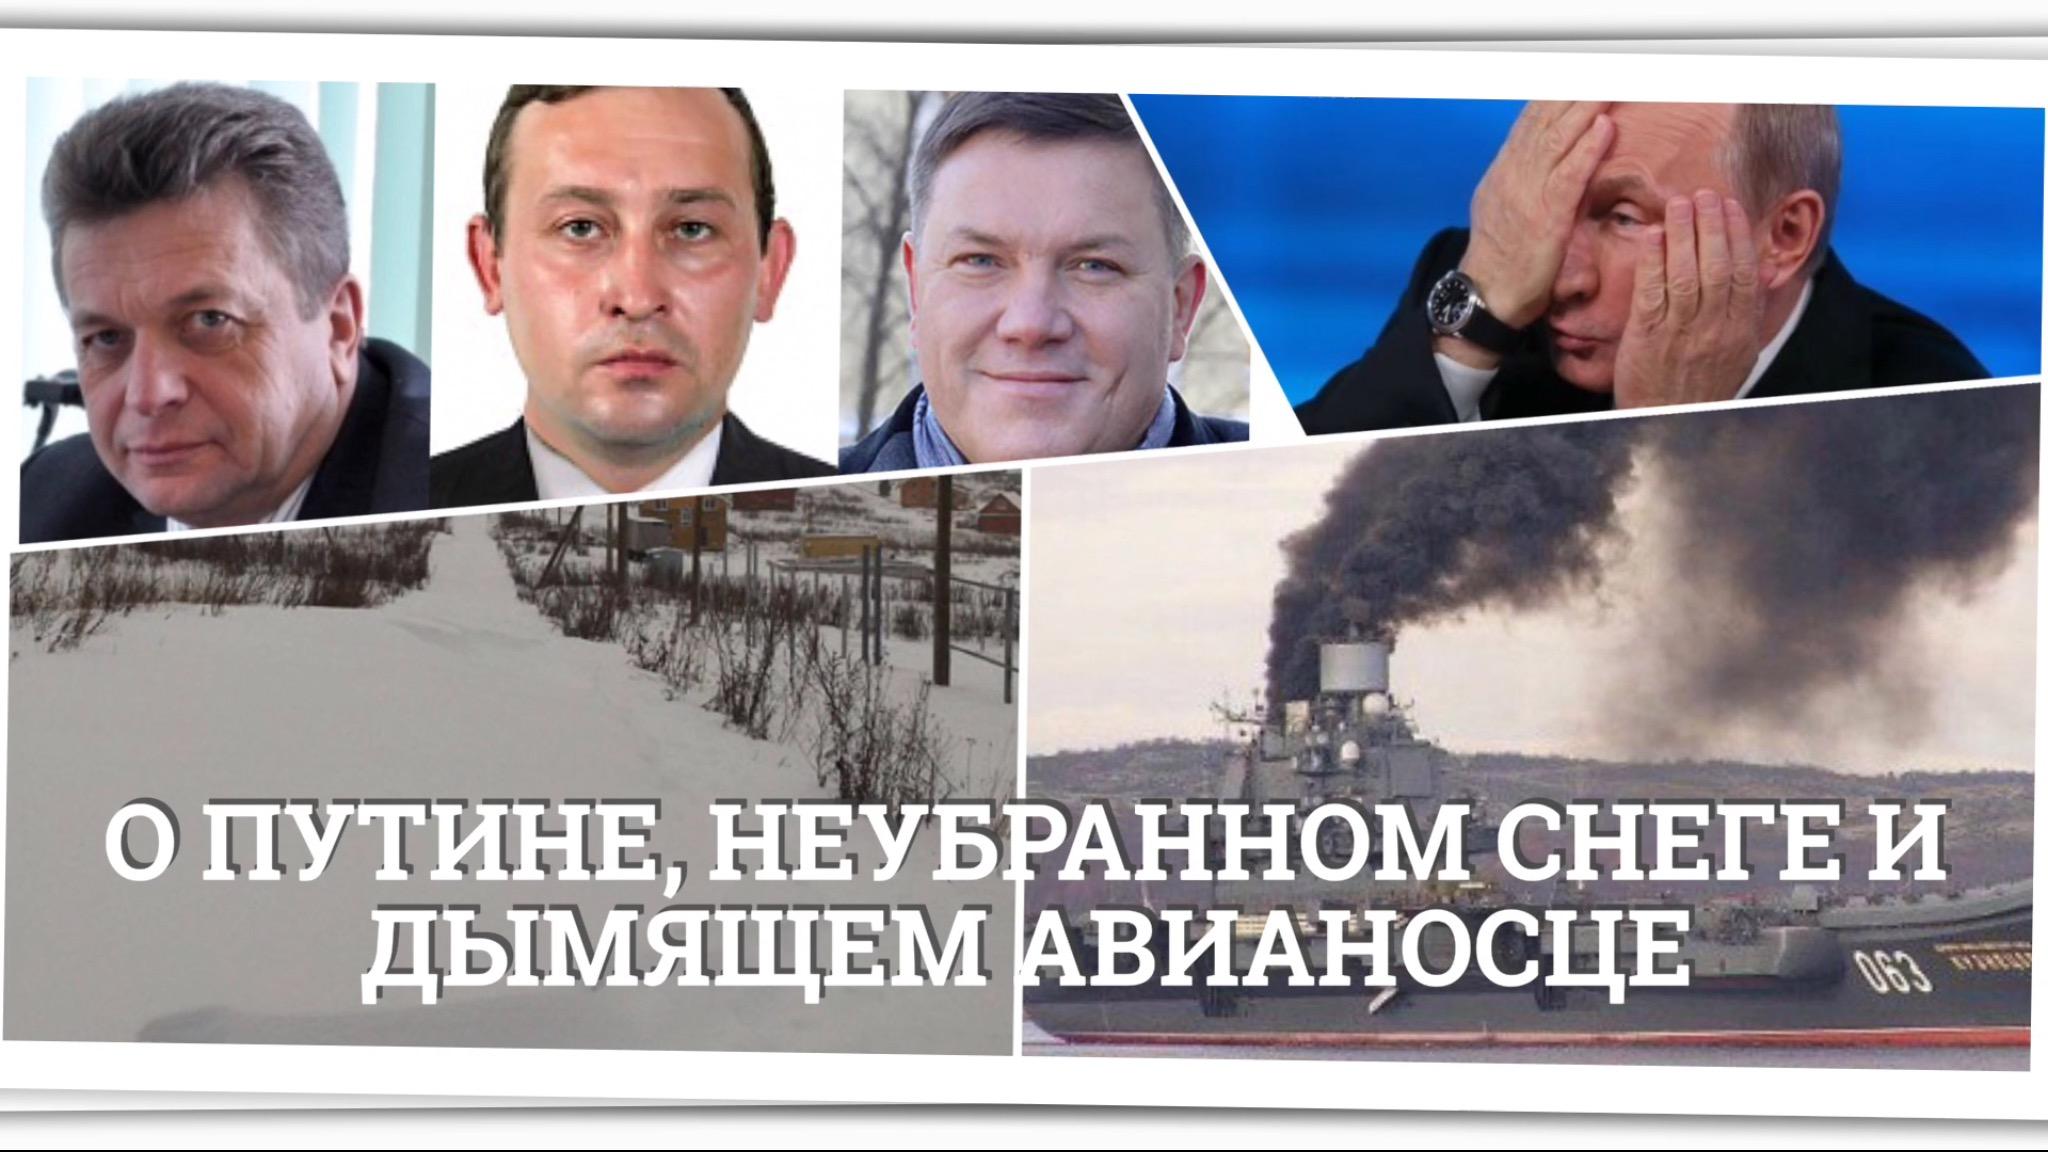 О Путине, неубранном снеге и дымящем авианосце